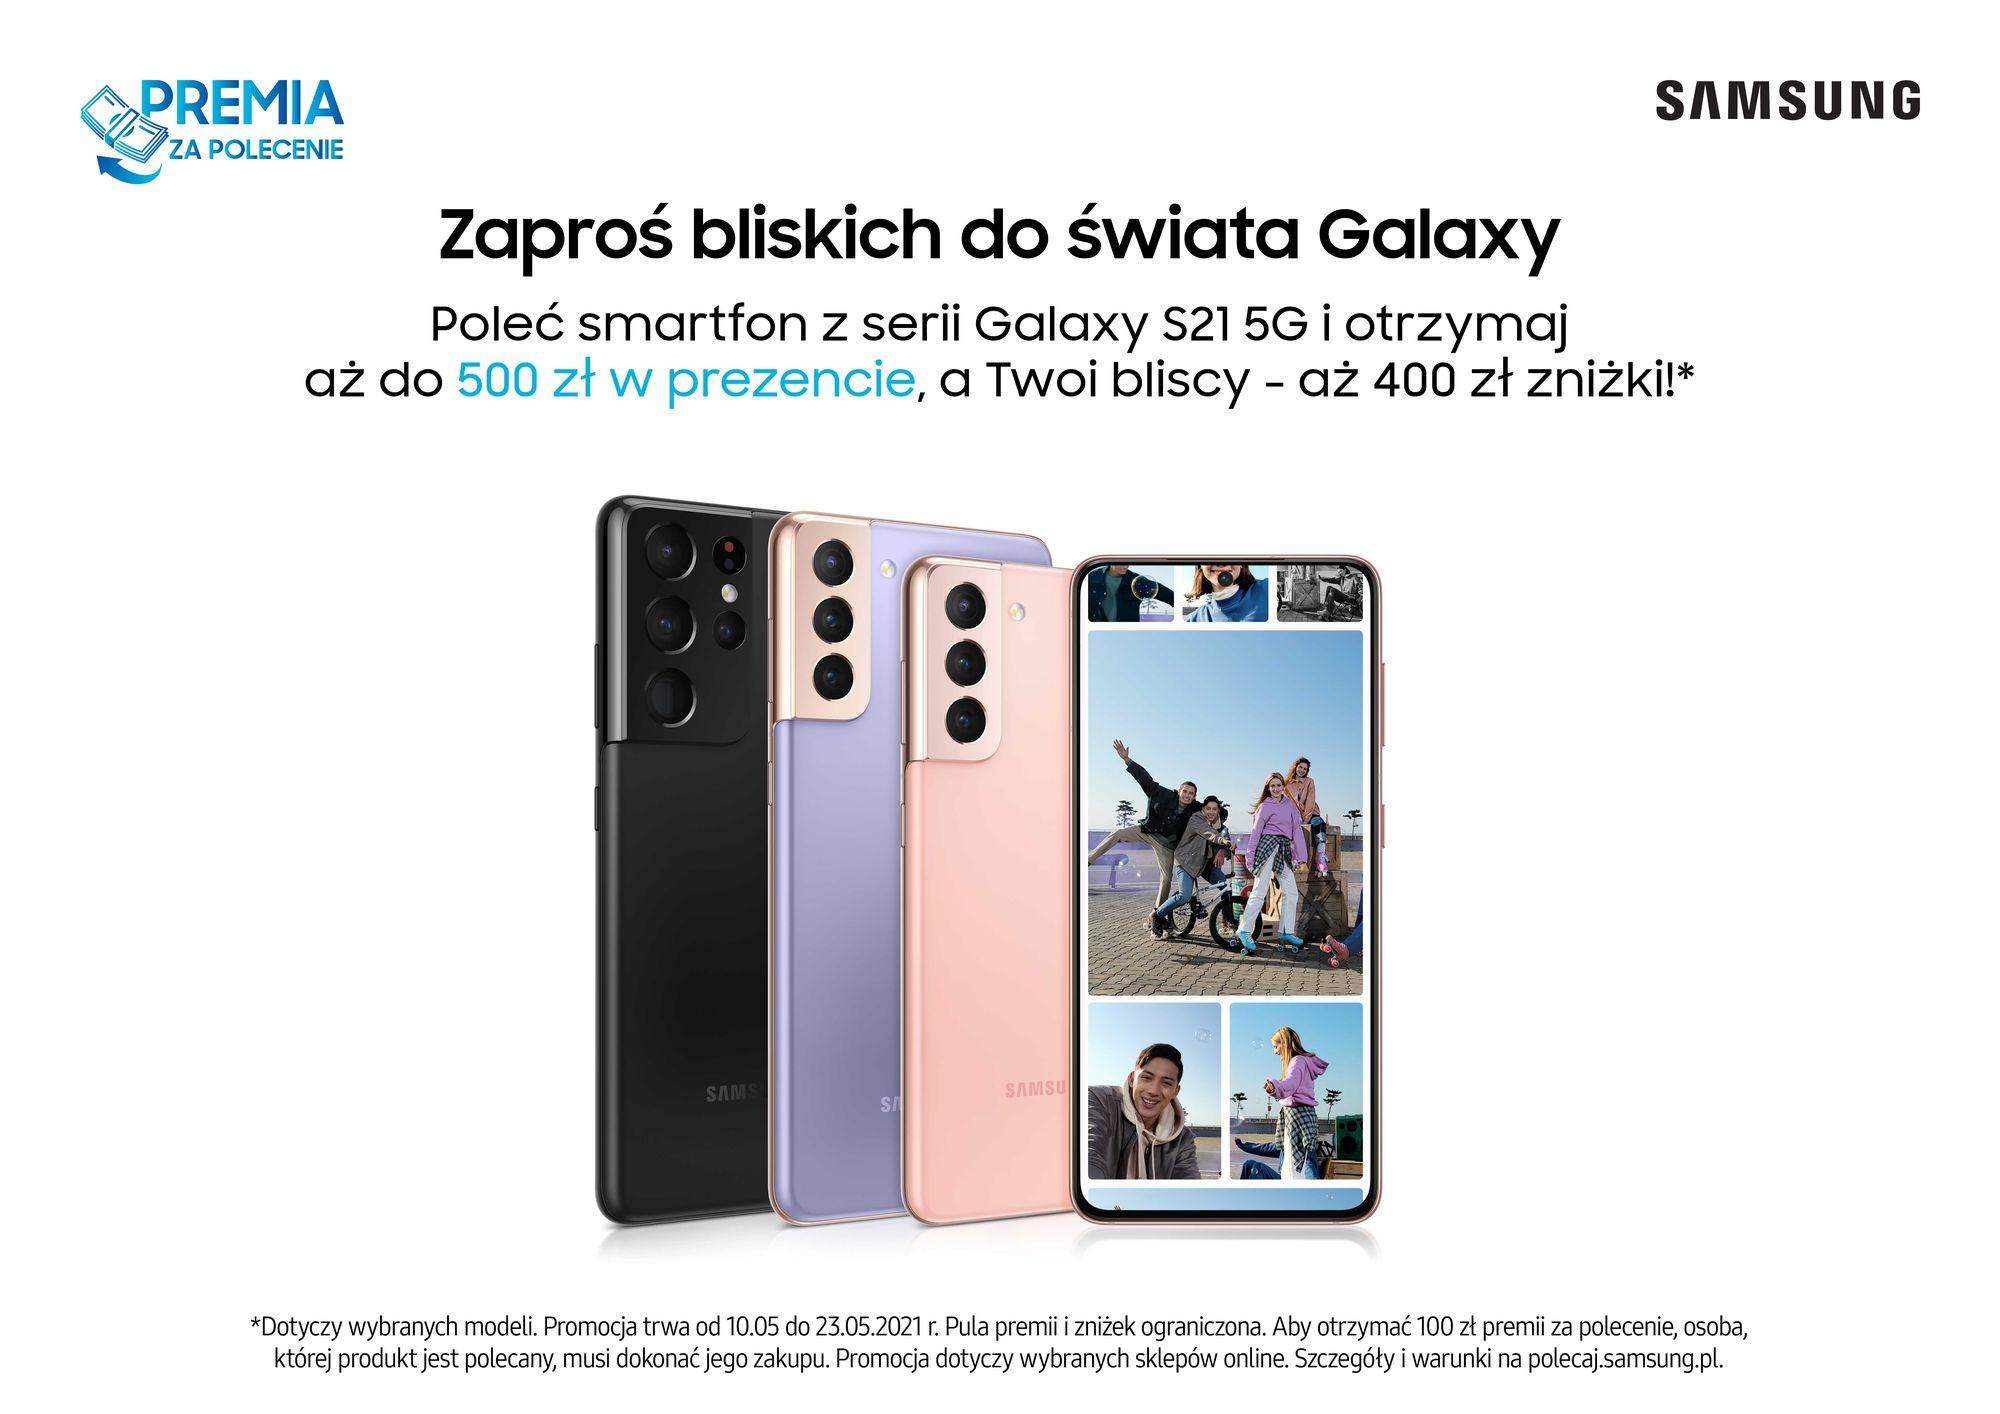 Samsung premia za polecenie Galaxy S21